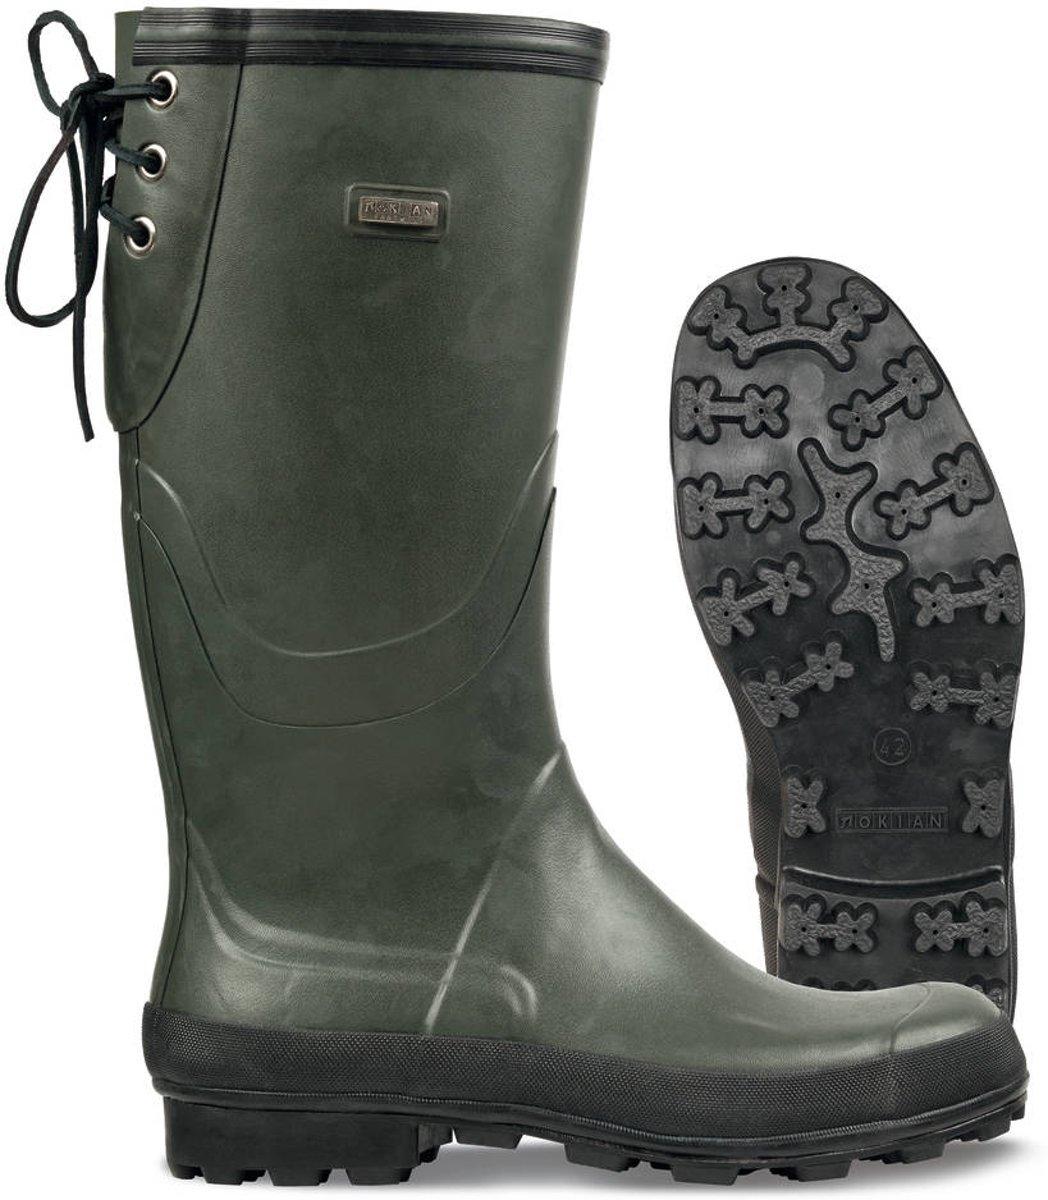 Chaussures Nokian - Rubberlaarzen - Finnjagd- (extérieure) [440], 39 Eu